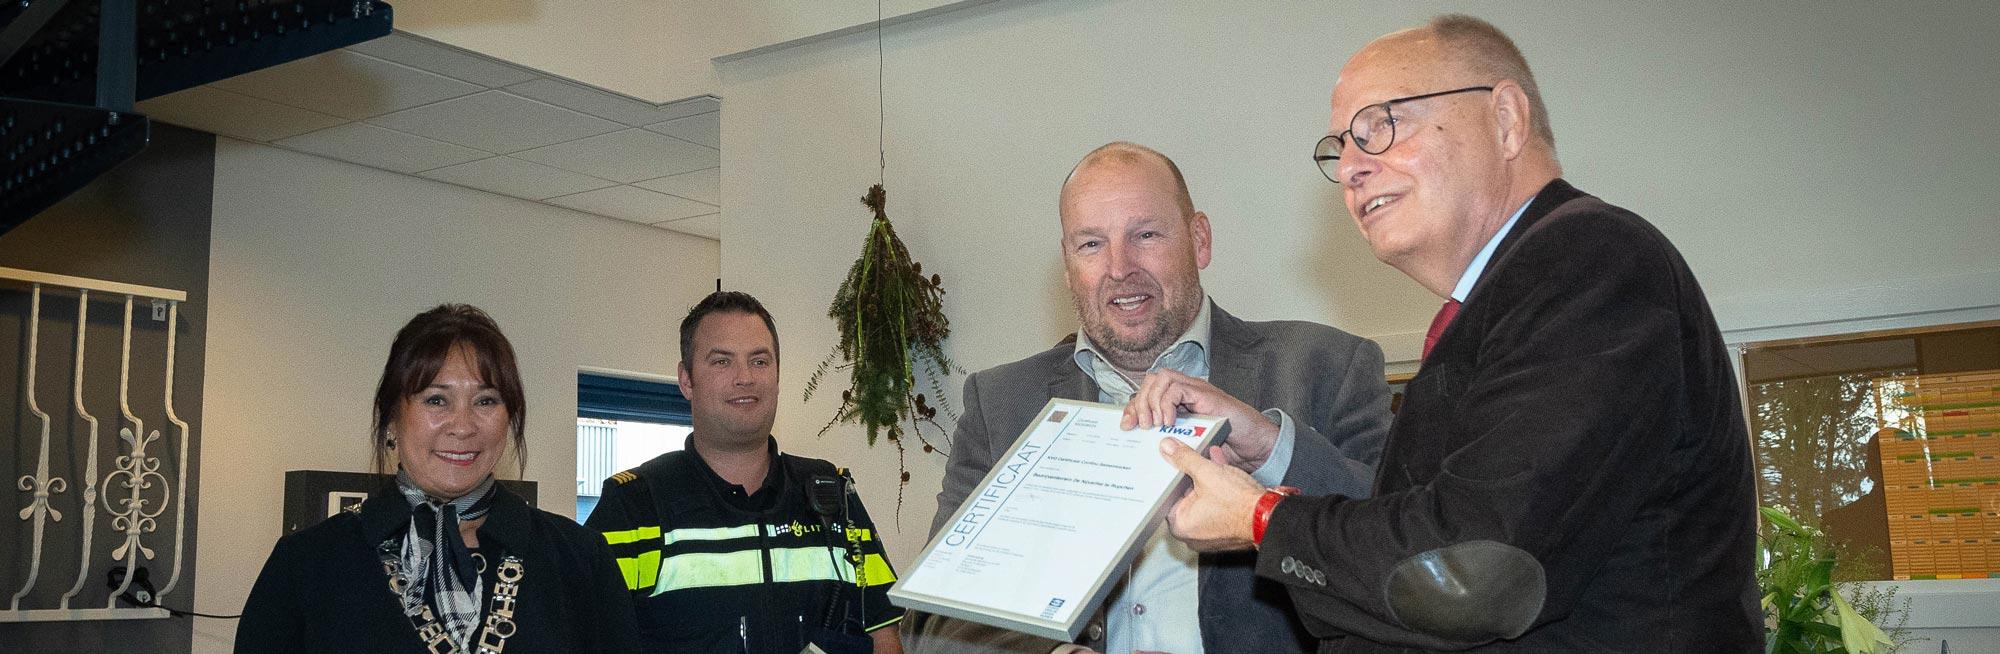 Bedrijventerrein 'De Nijverhei' beloond met Keurmerk Veilig Ondernemen (KVO) continu samenwerken